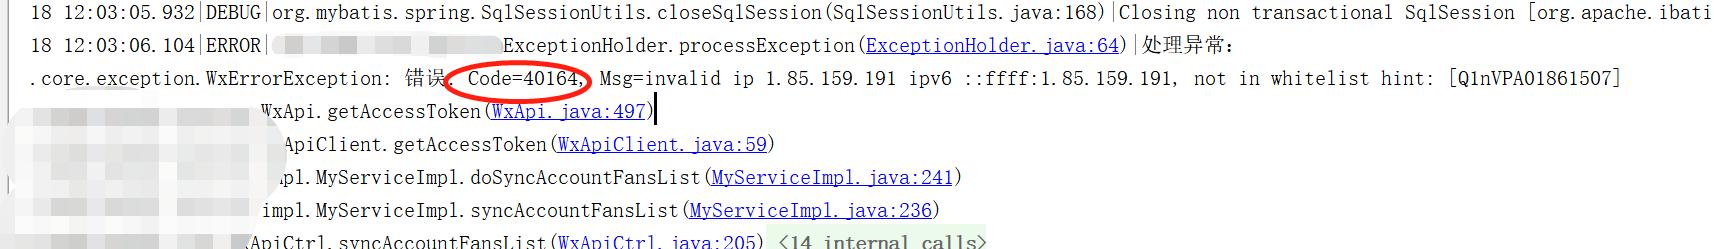 【经验】在微信公众号开发过程中,错误: Code=40164解决方案。